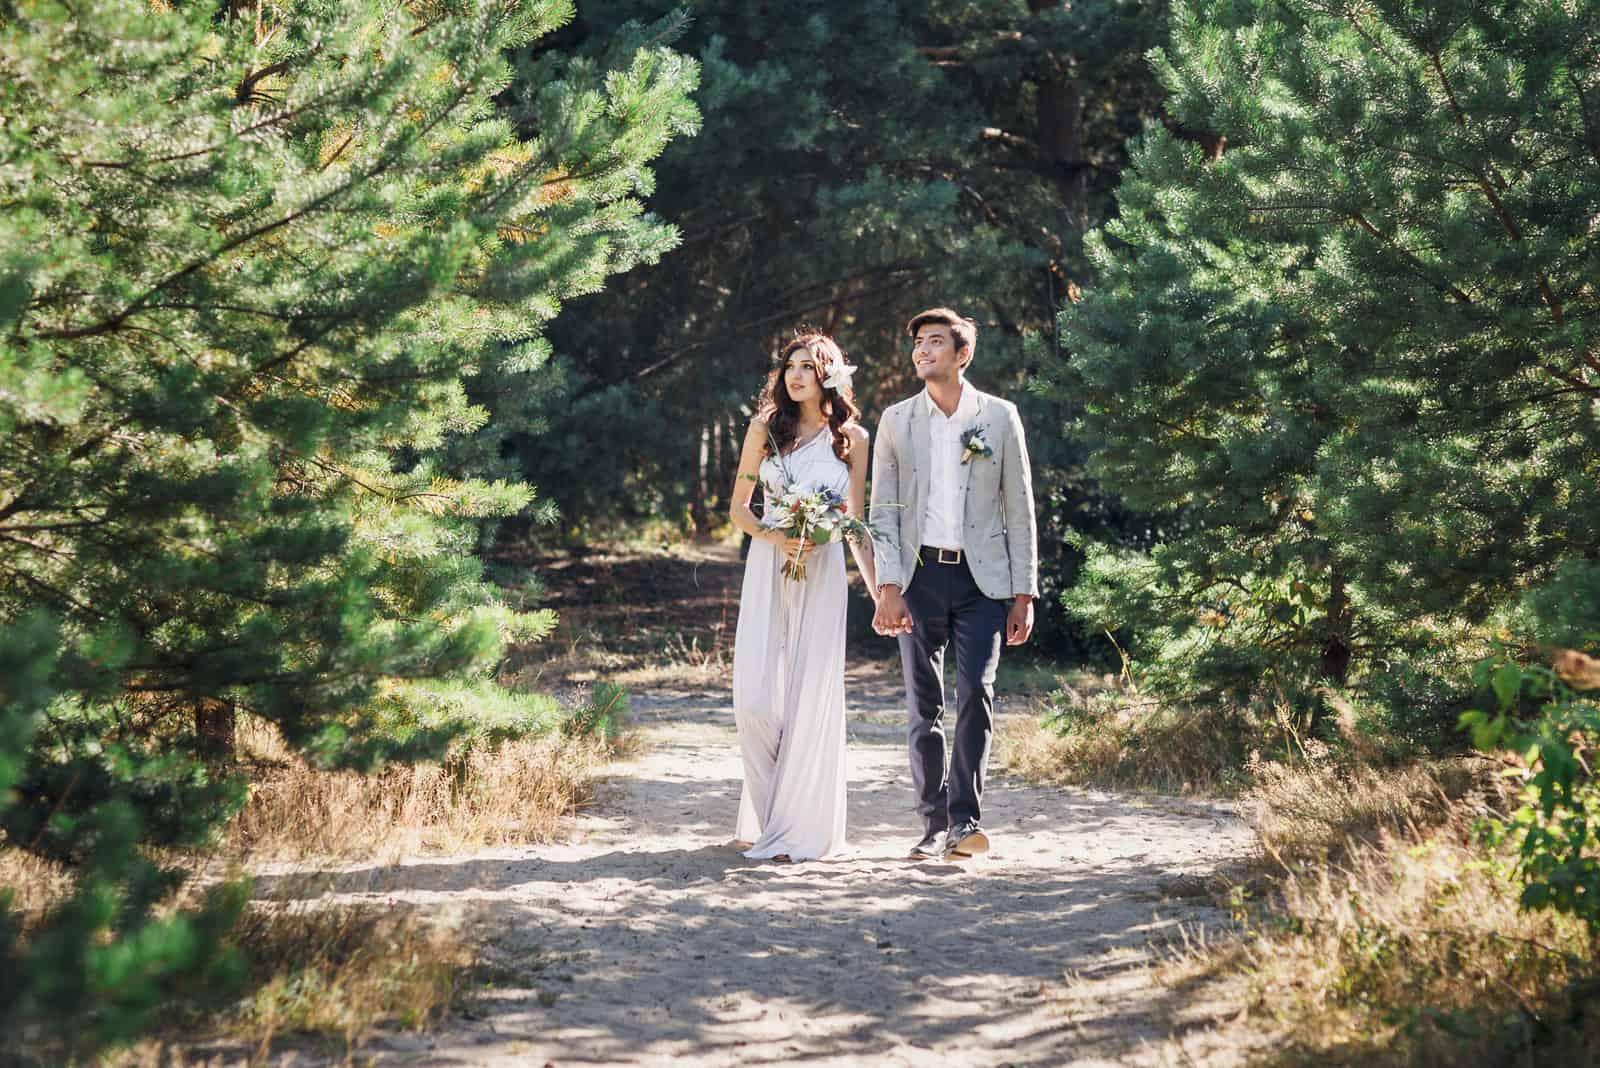 Das Brautpaar geht Händchen haltend durch den Wald